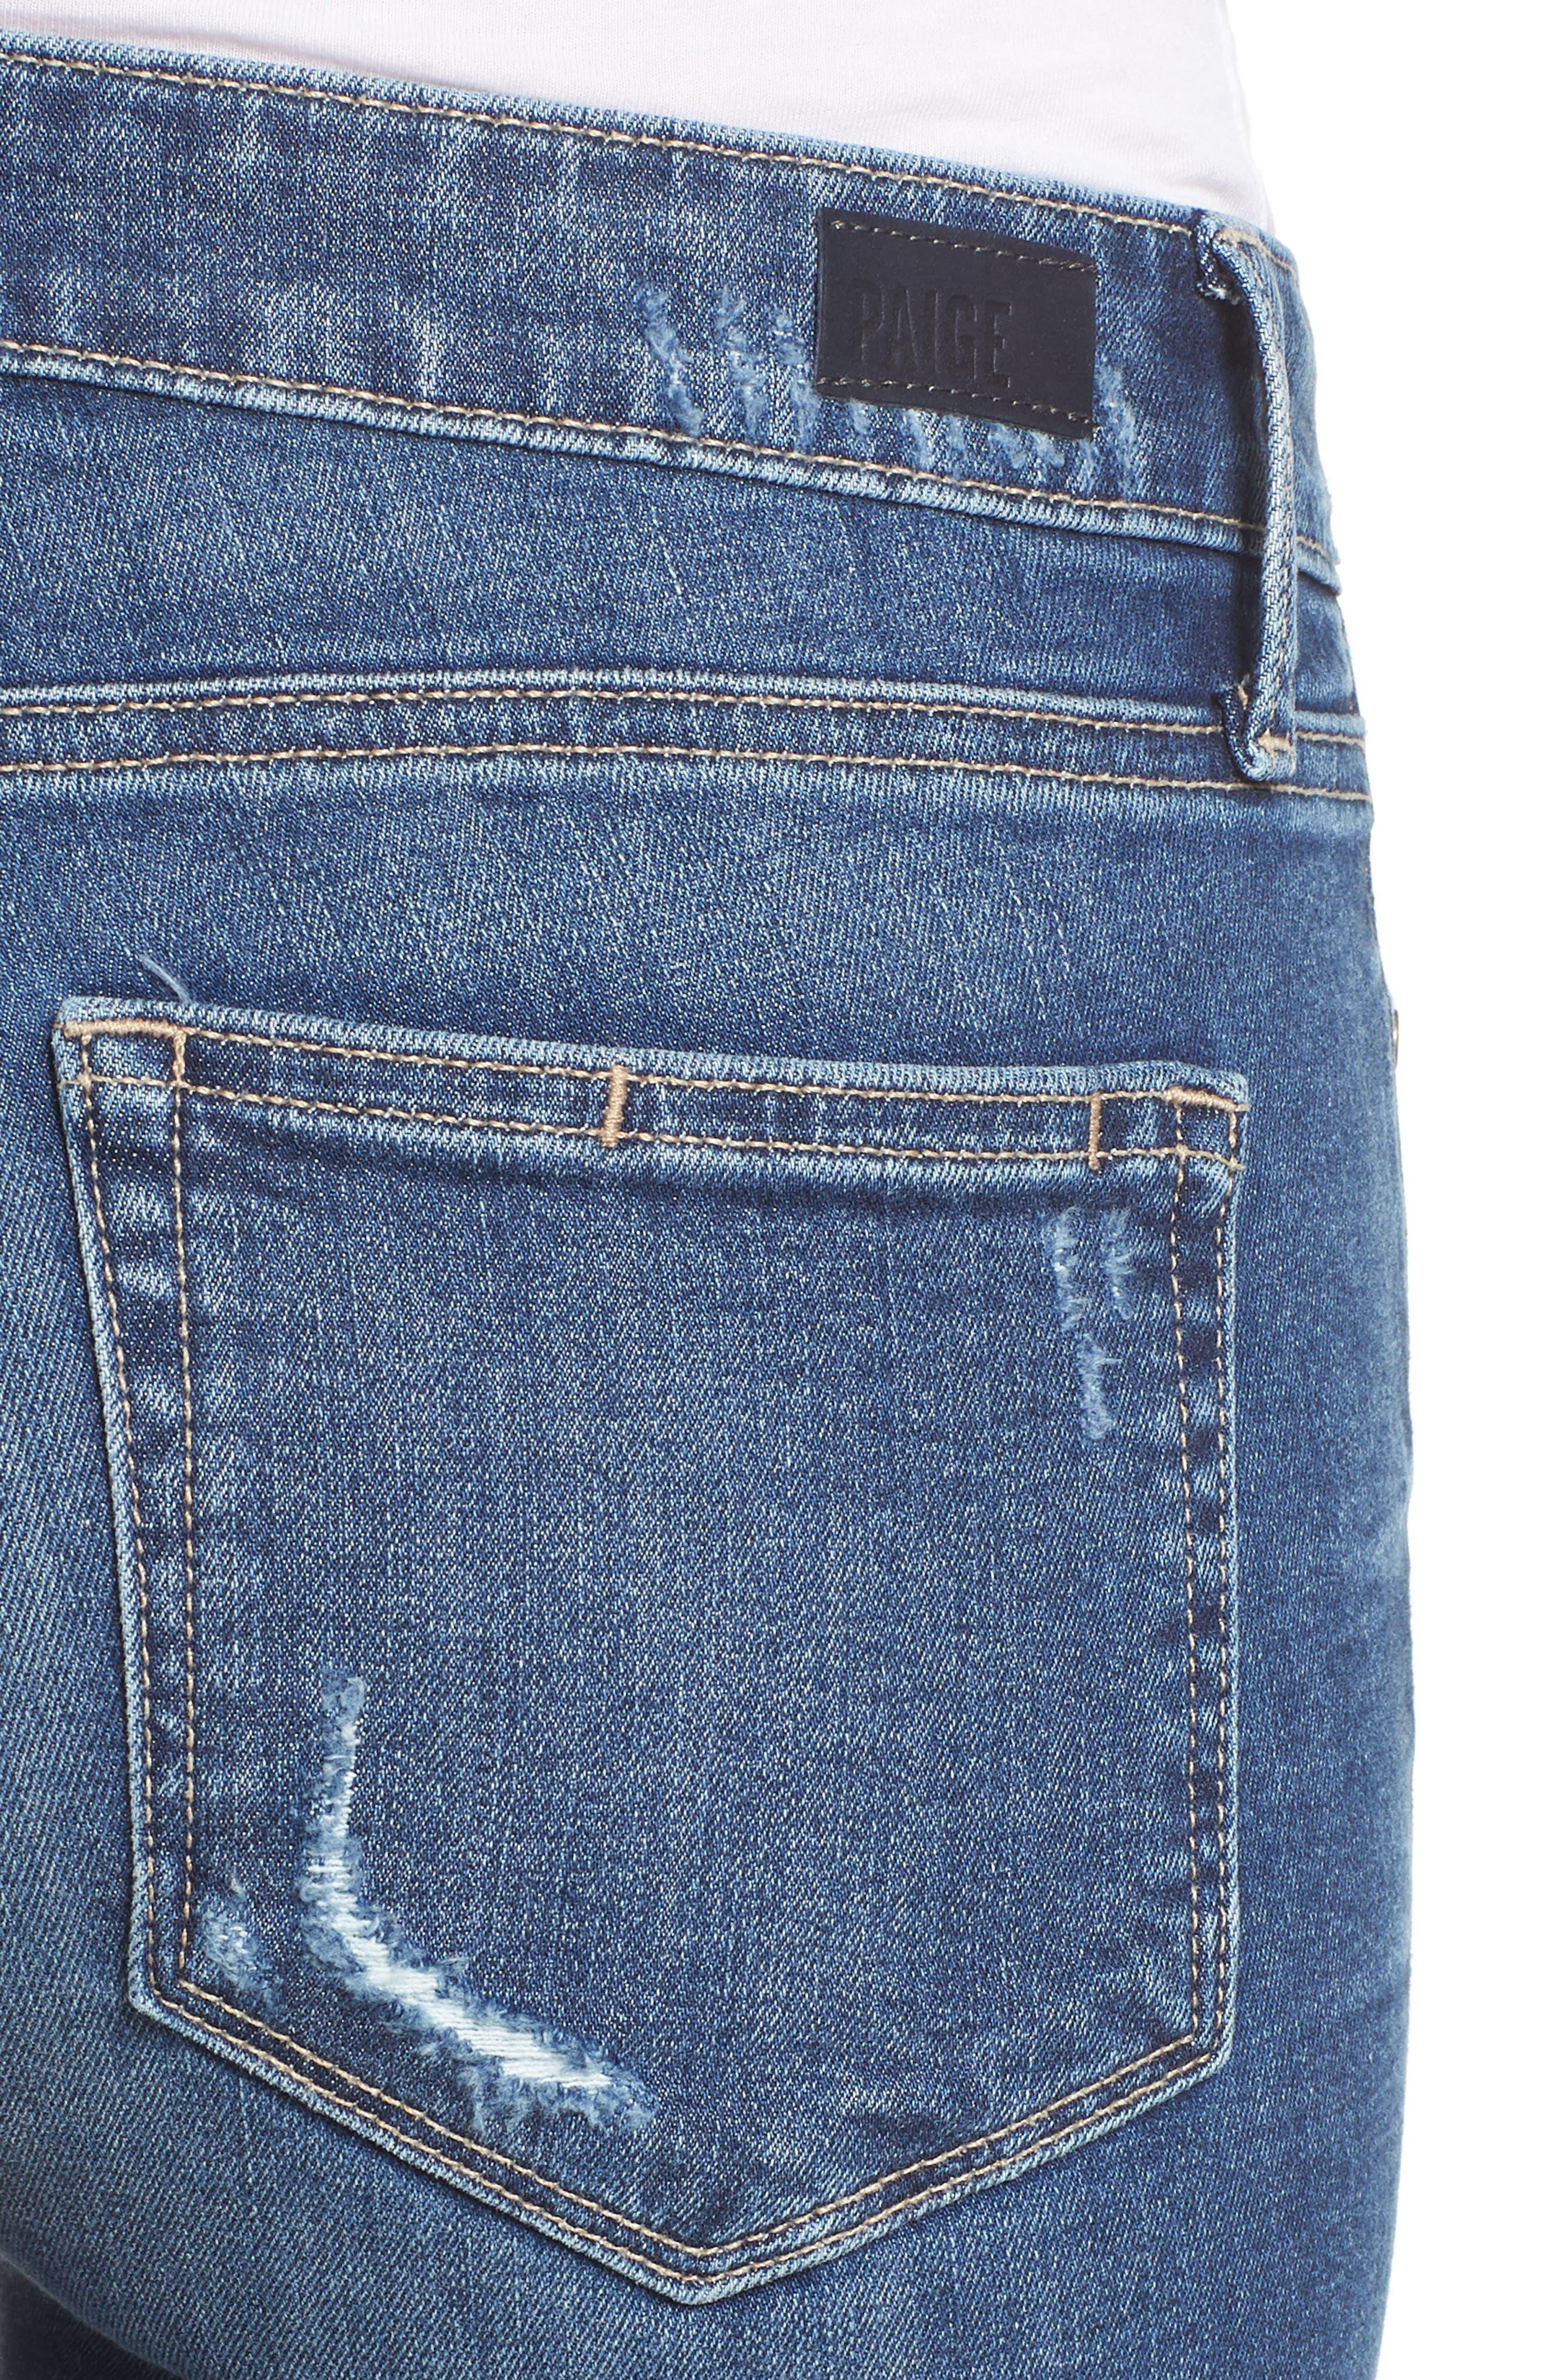 Transcend Vintage - Verdugo Ankle Skinny Jeans,                             Alternate thumbnail 4, color,                             Pico Destructed